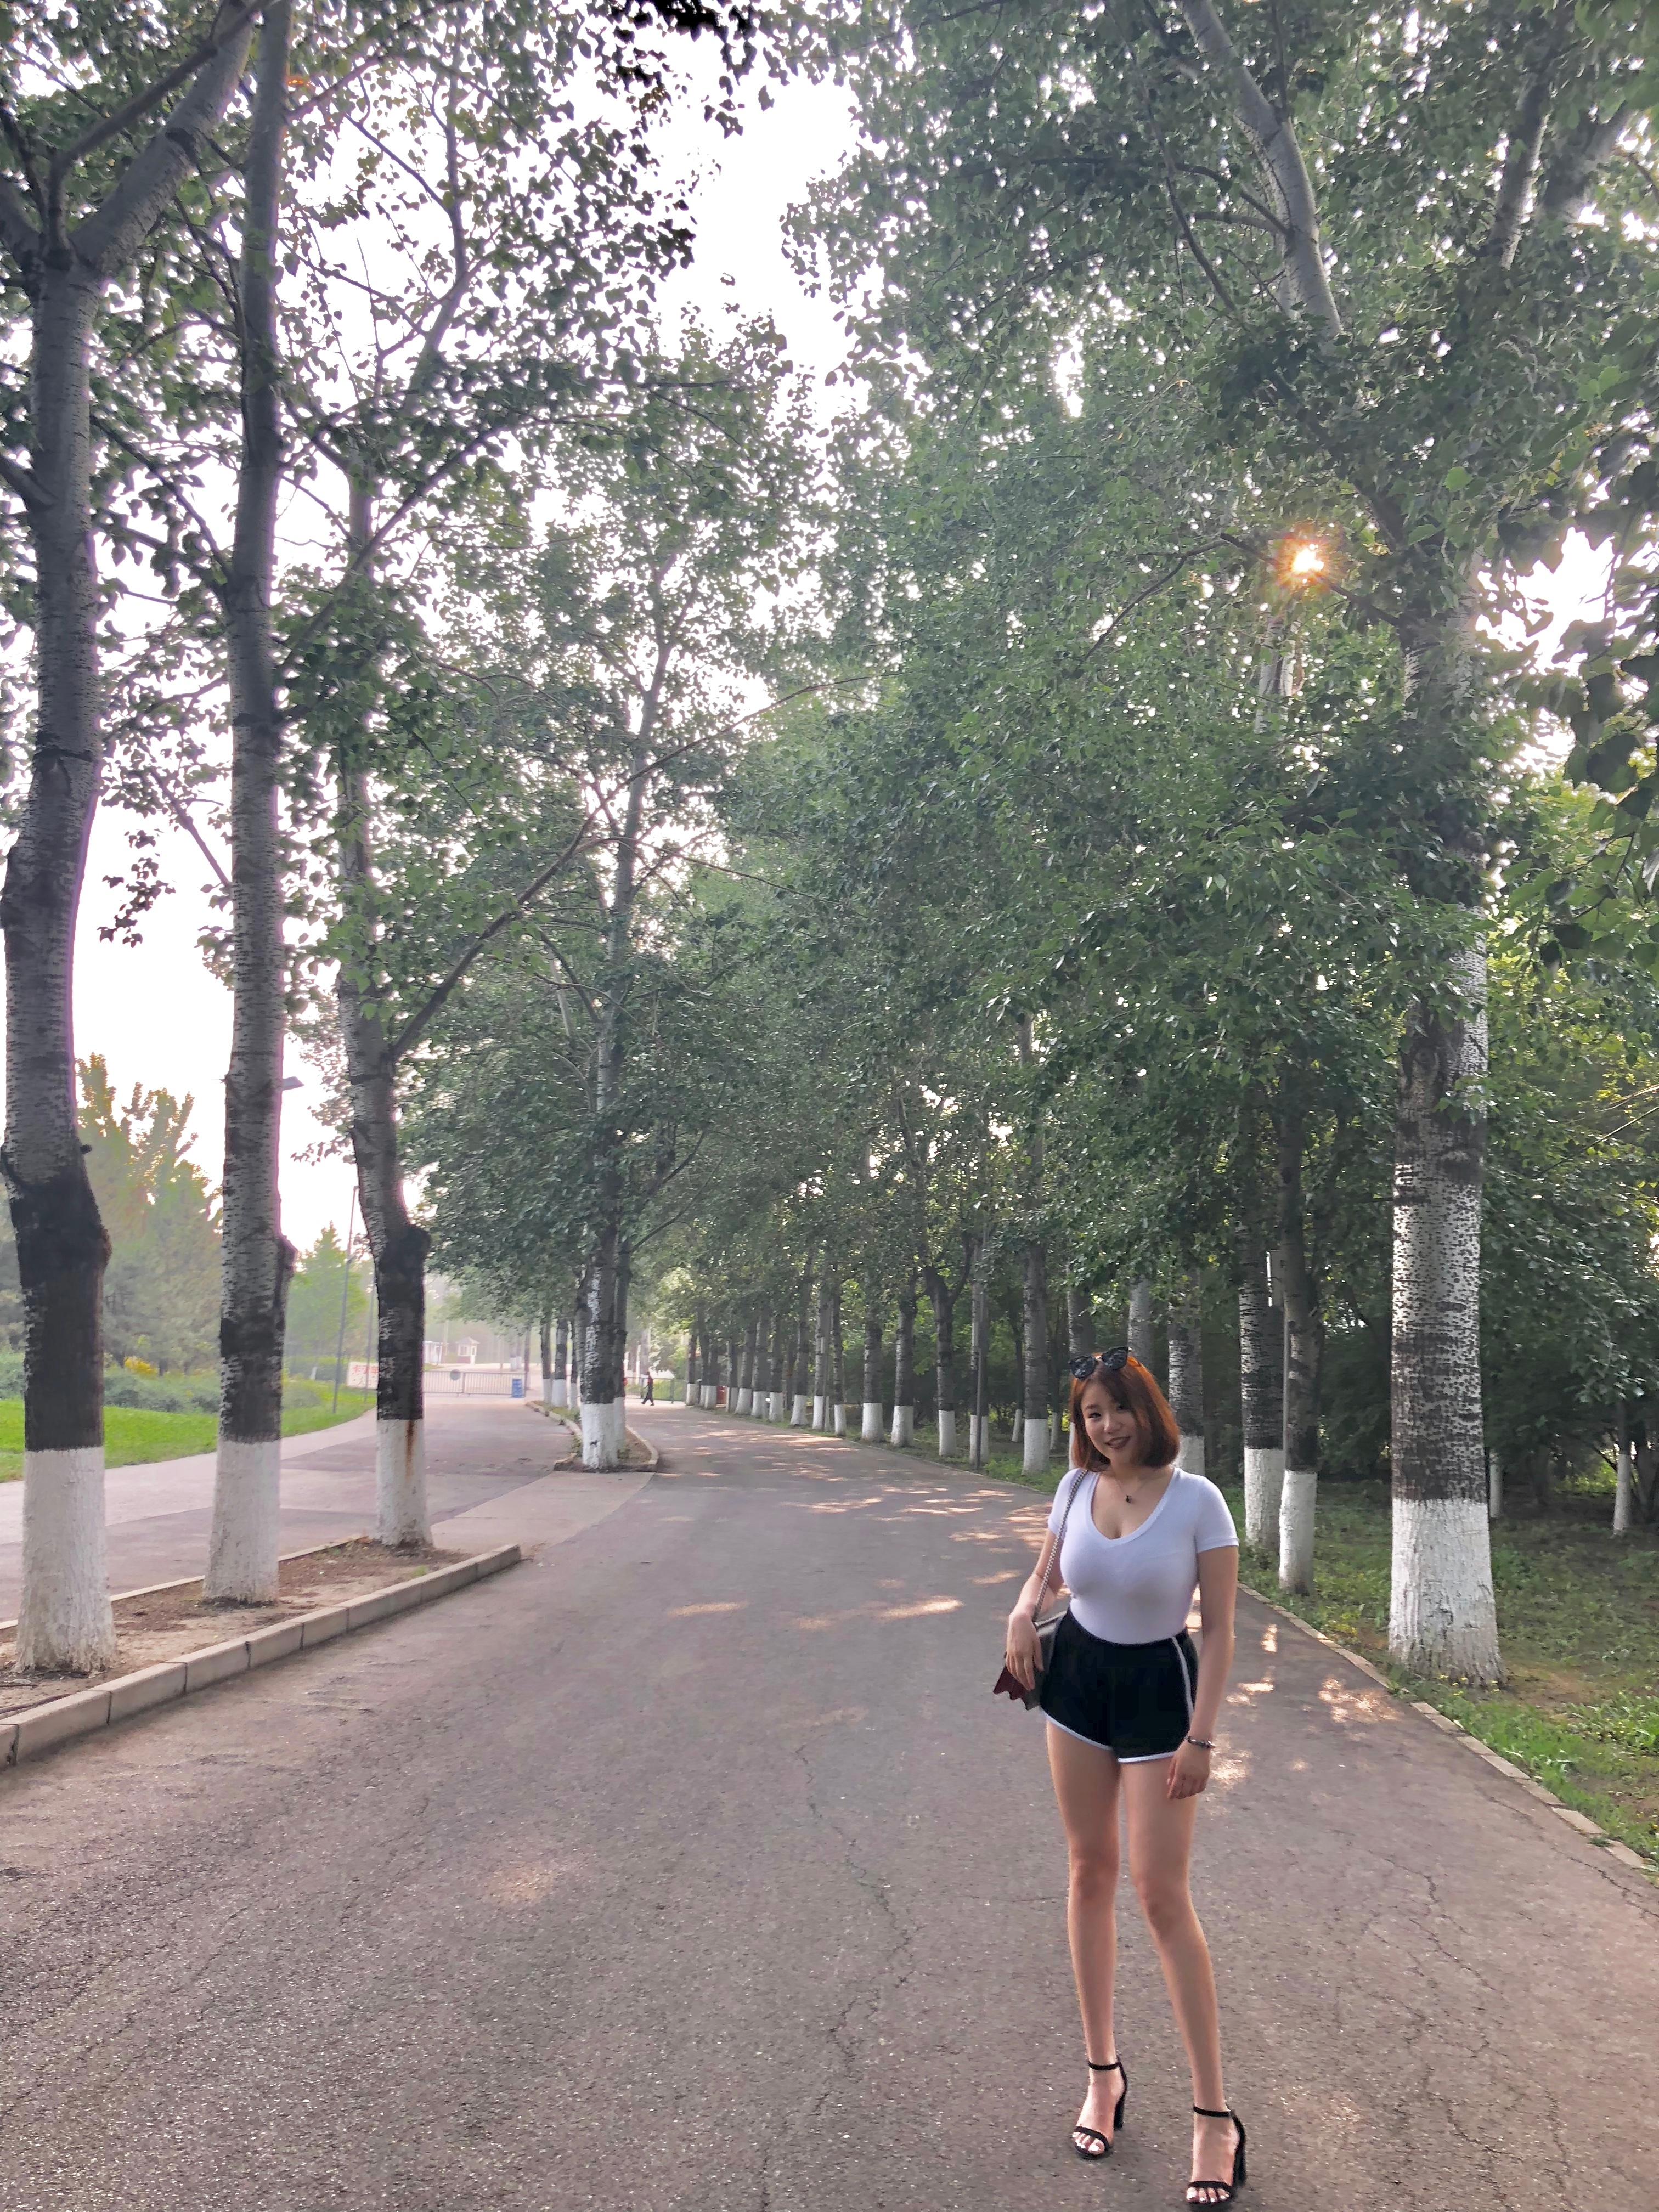 【看妹吧涨姿势】中国美腿(第2期)@汤婧星星星 165cm 65公斤